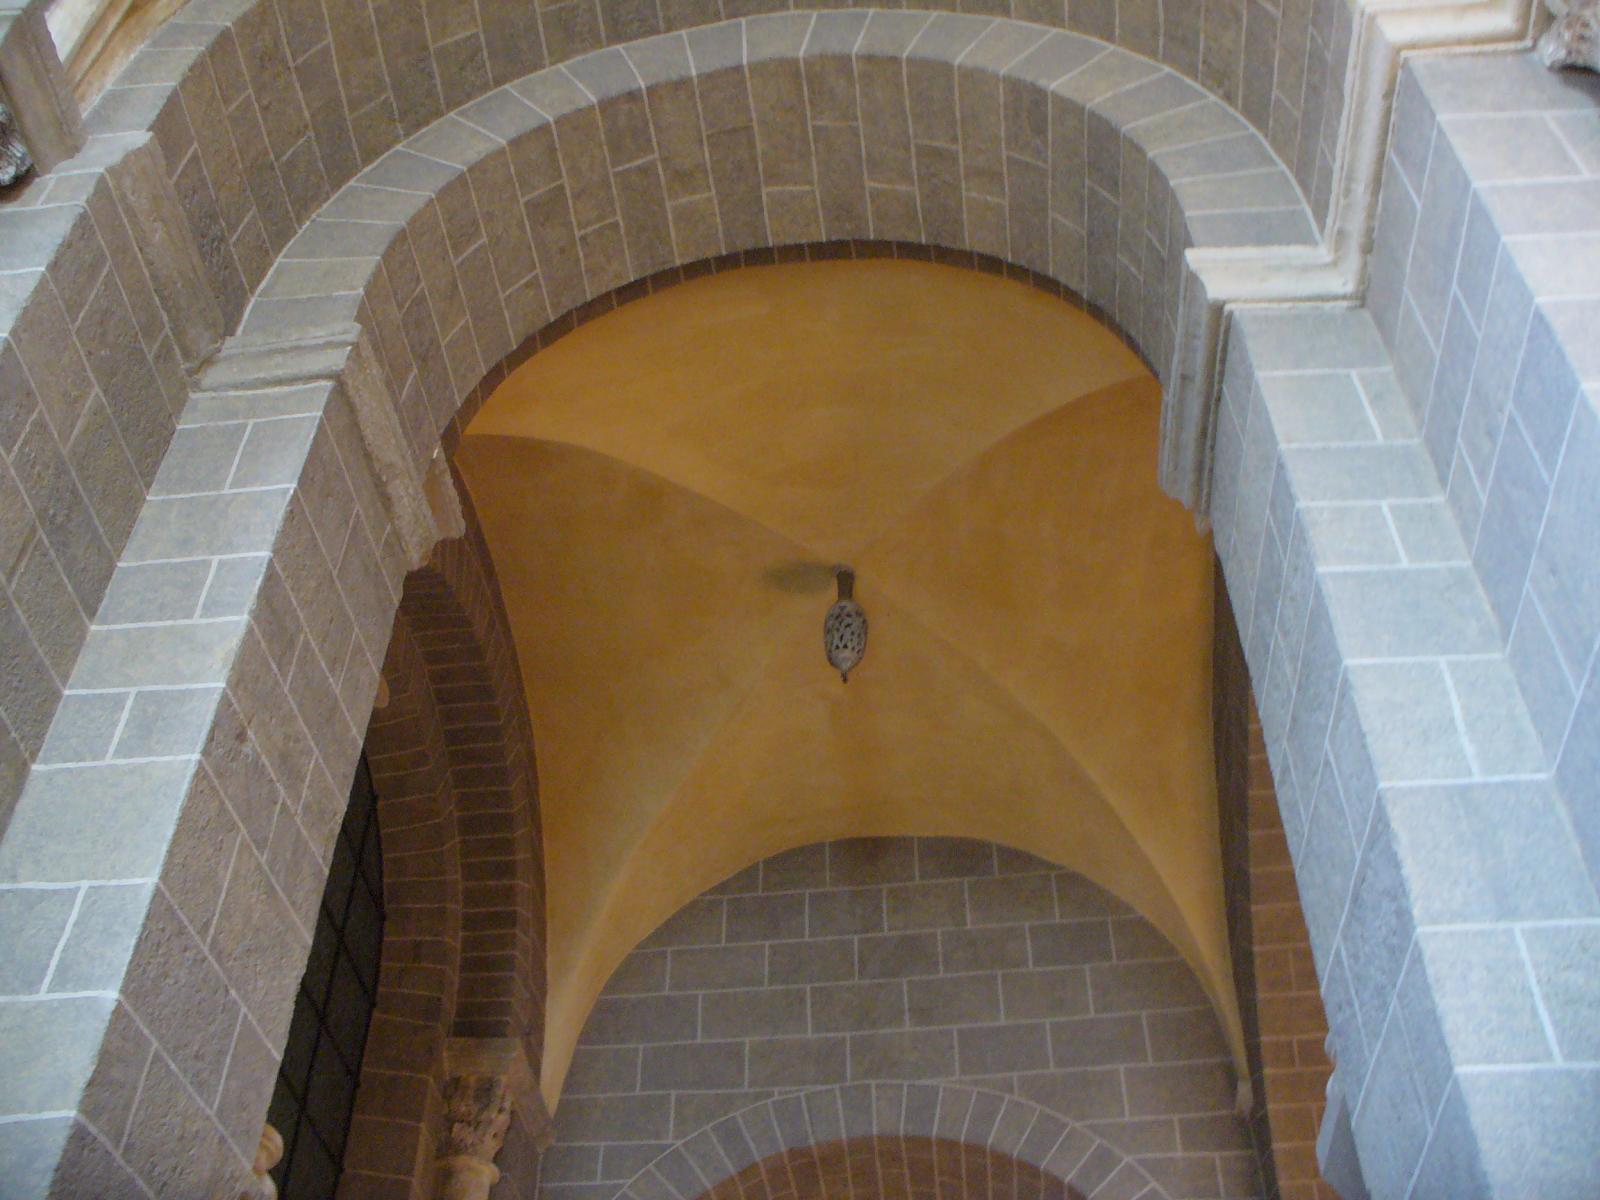 clef de voute en stuc 3ème travée